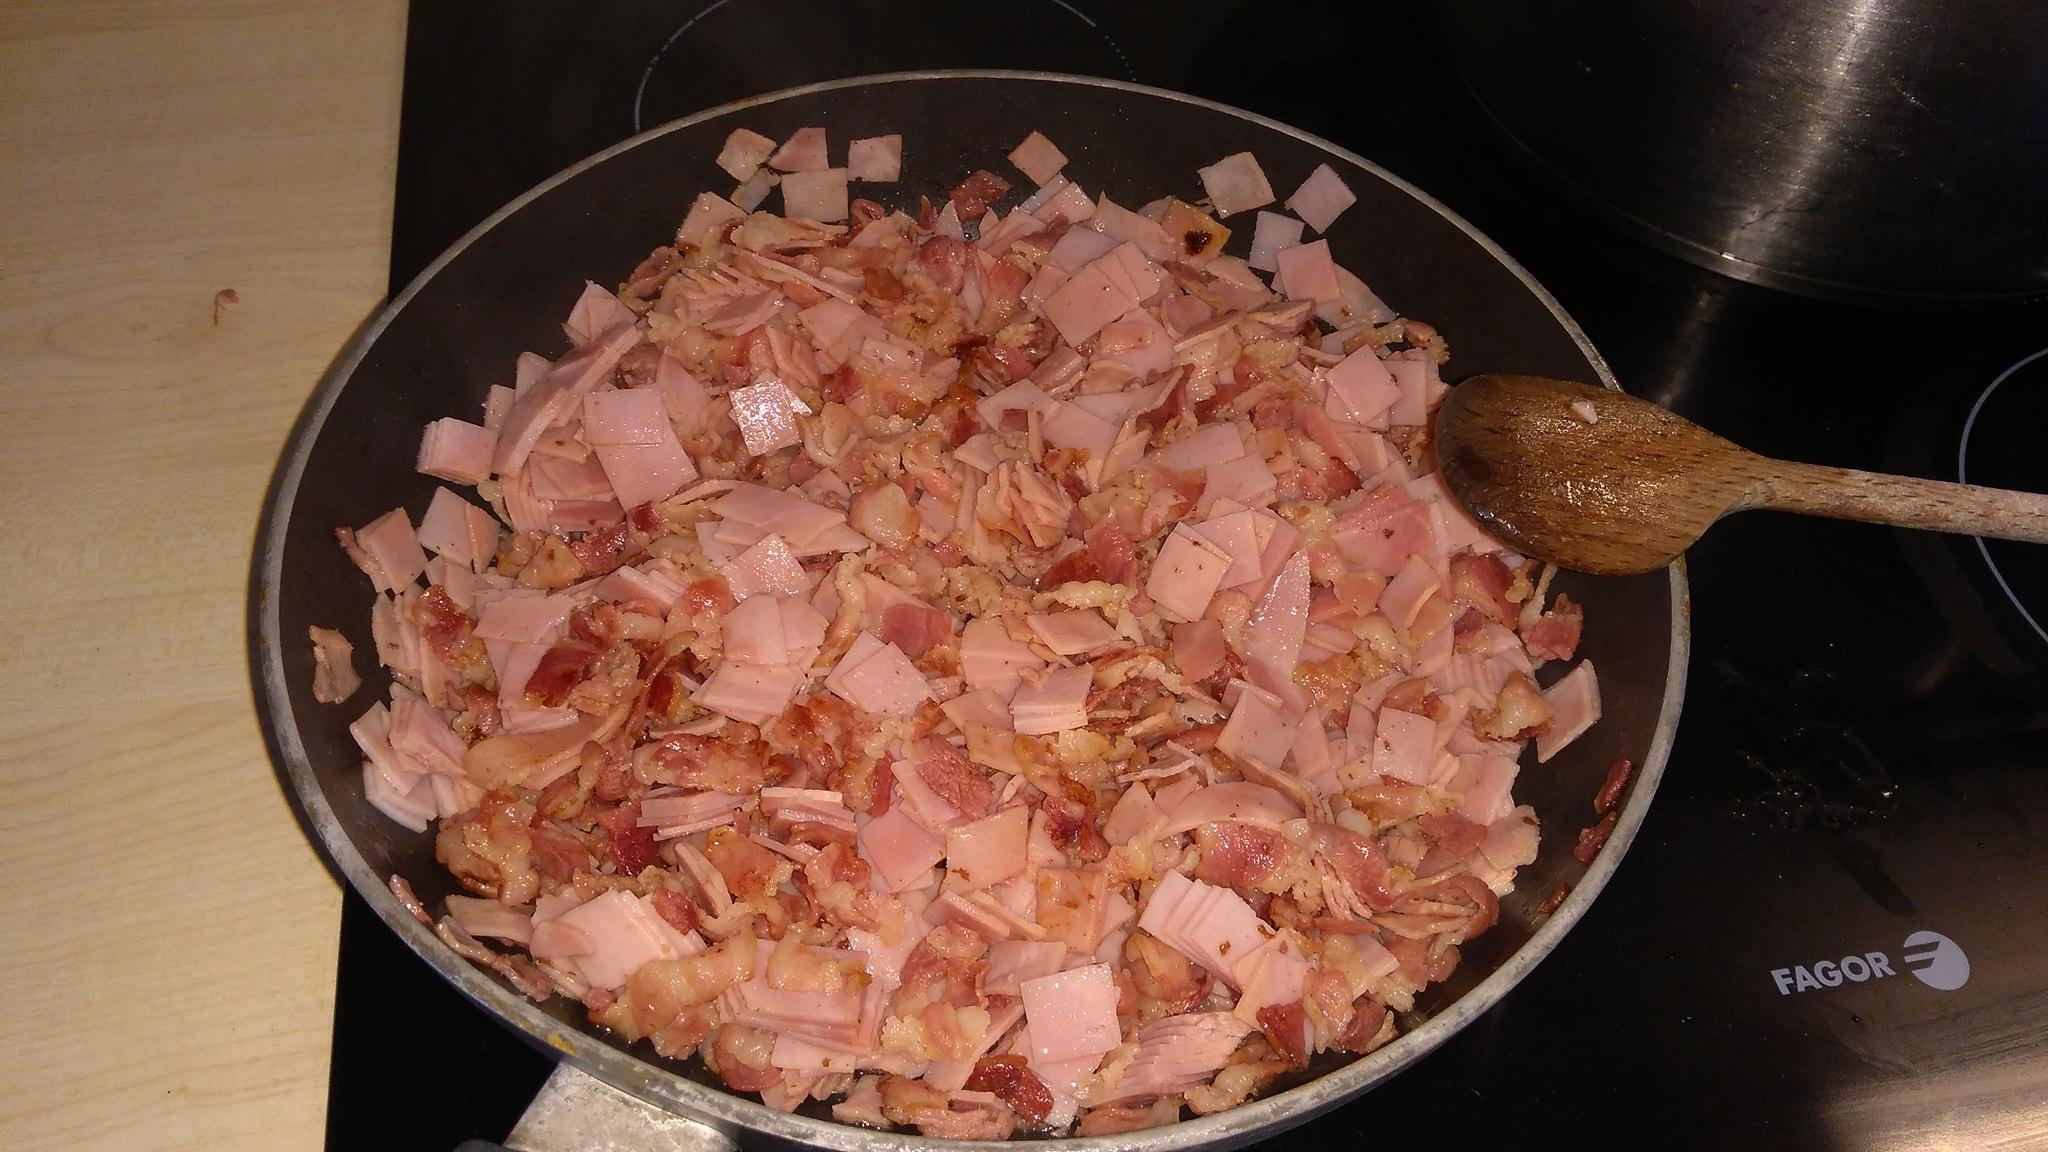 Plátky slaniny a bravčovej šunky nakrájame na jemné prúžky a pridáme na rozpálenú panvicu. Najprv slaninu, aby pustila tuk, potom pridáme šunku.